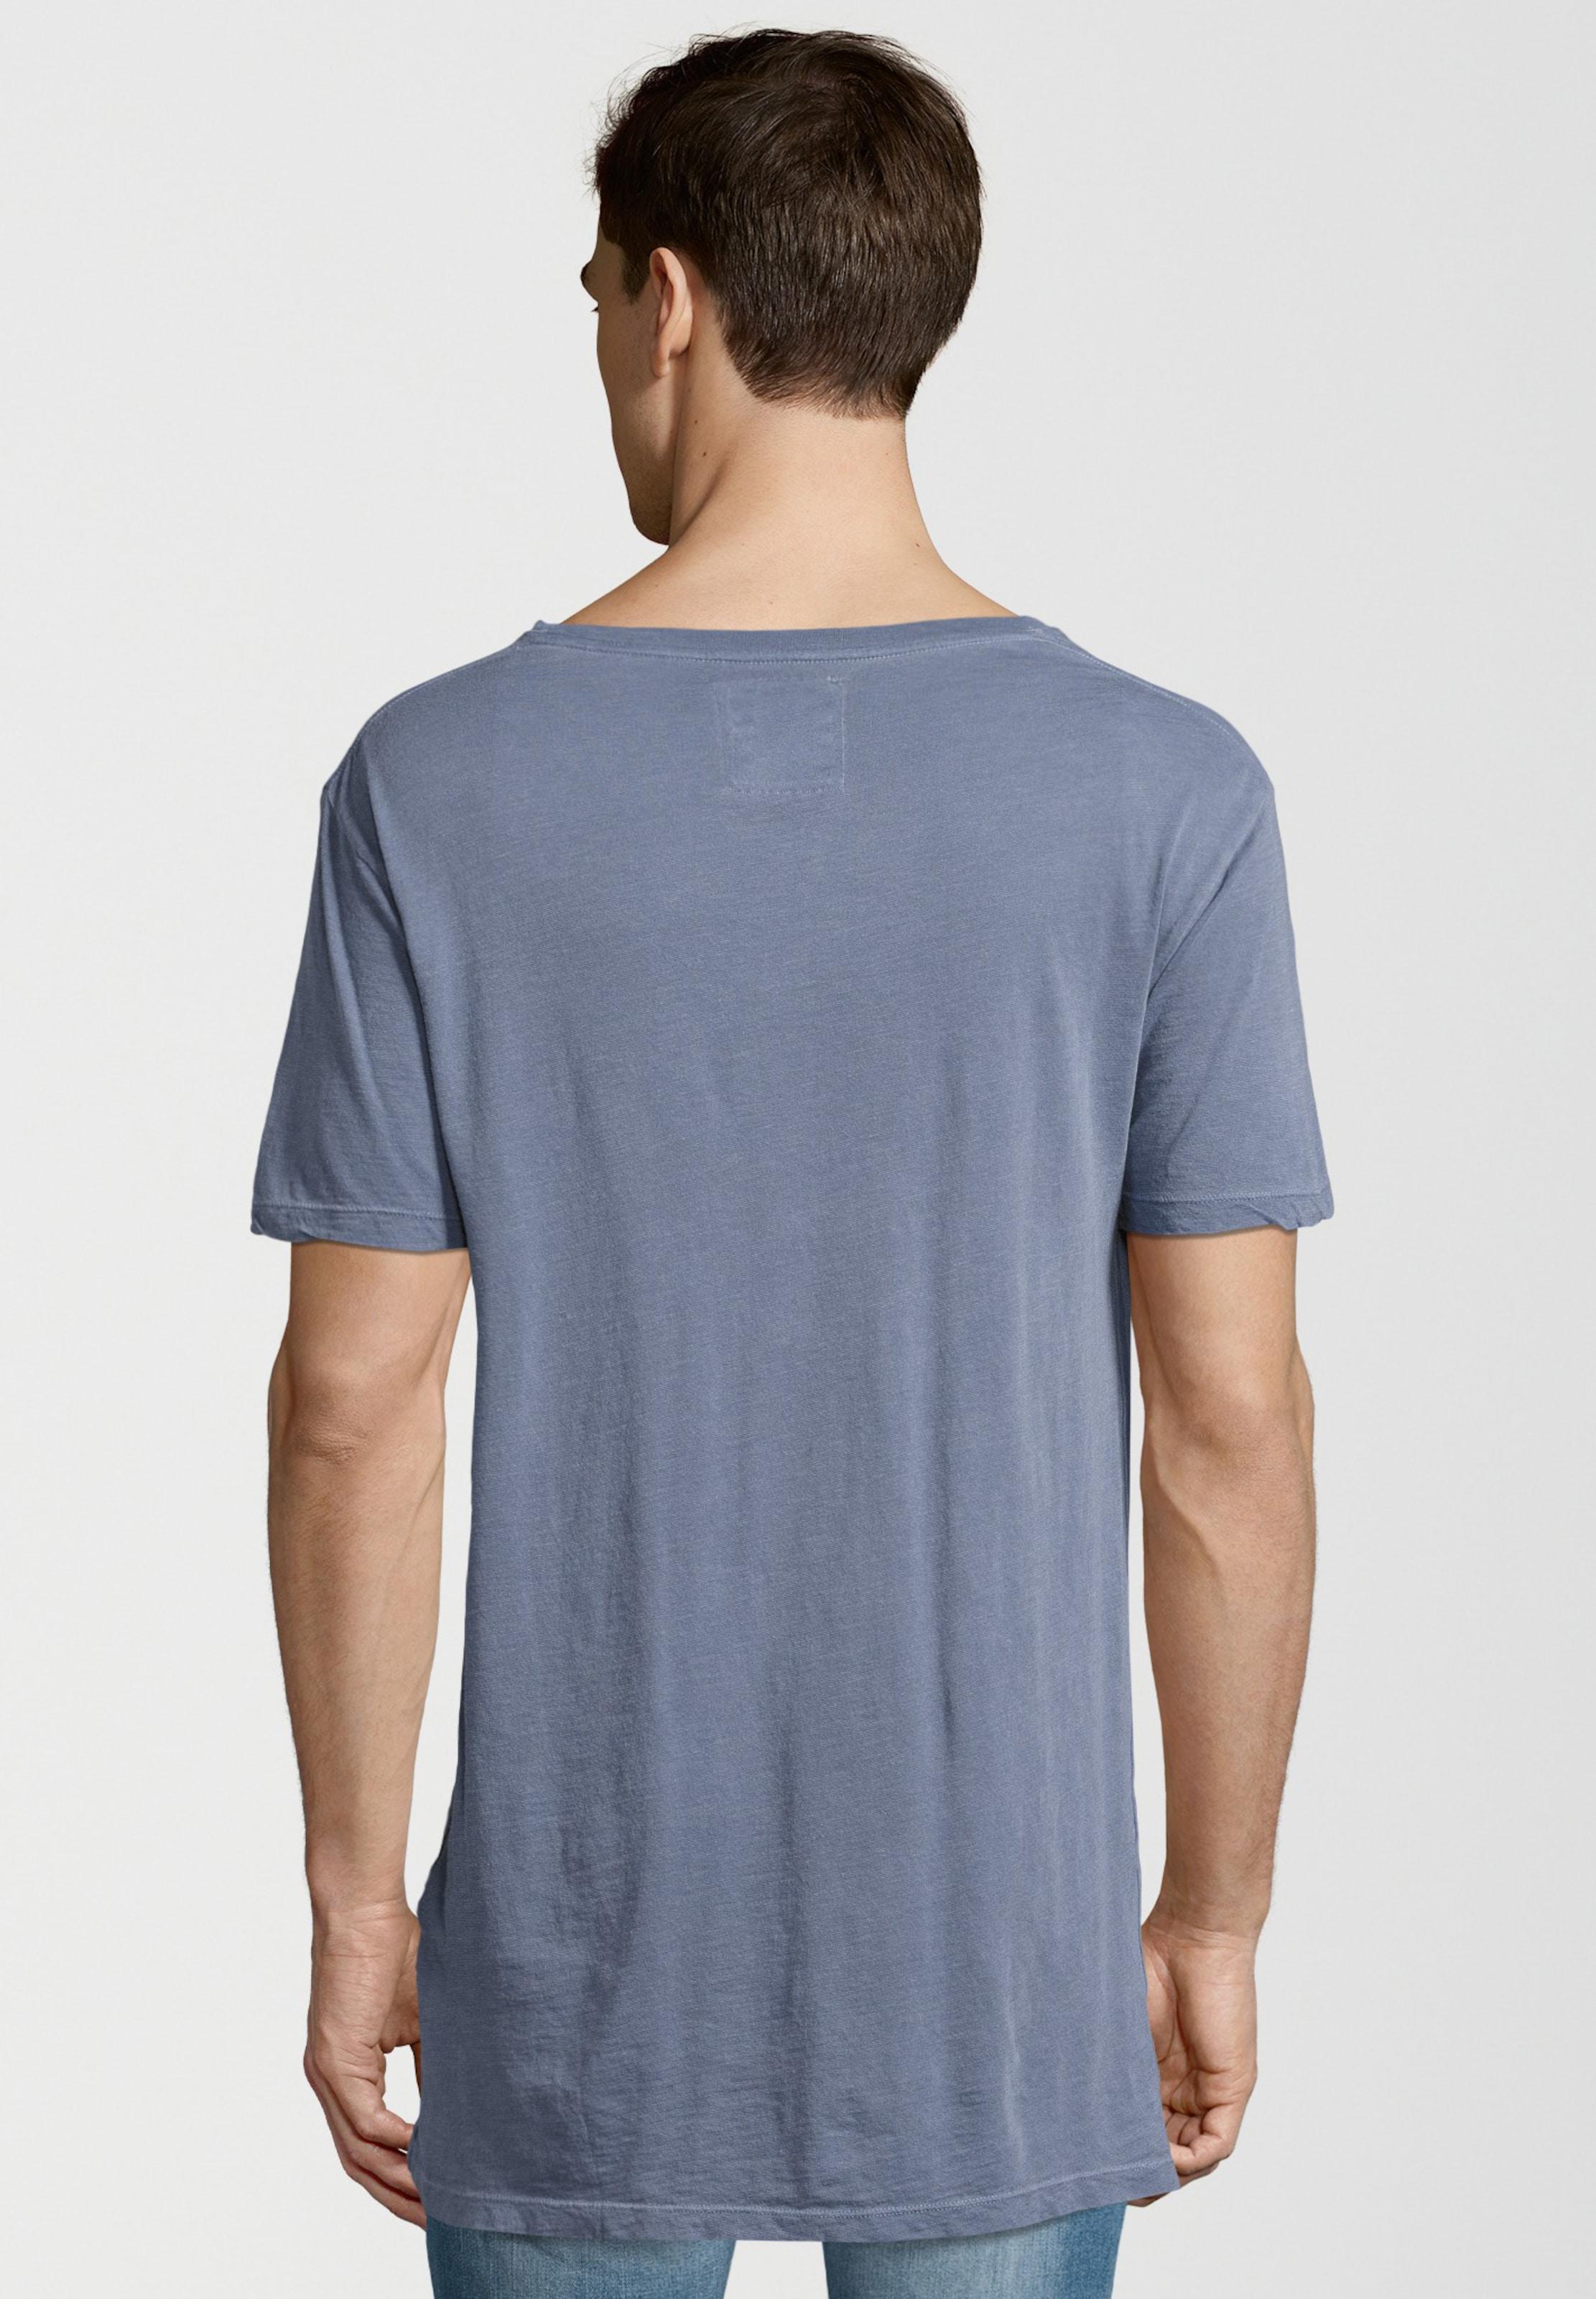 BETTER RICH T-Shirt 'CREW LONG' Günstig Kaufen Authentisch B3qUeTx8